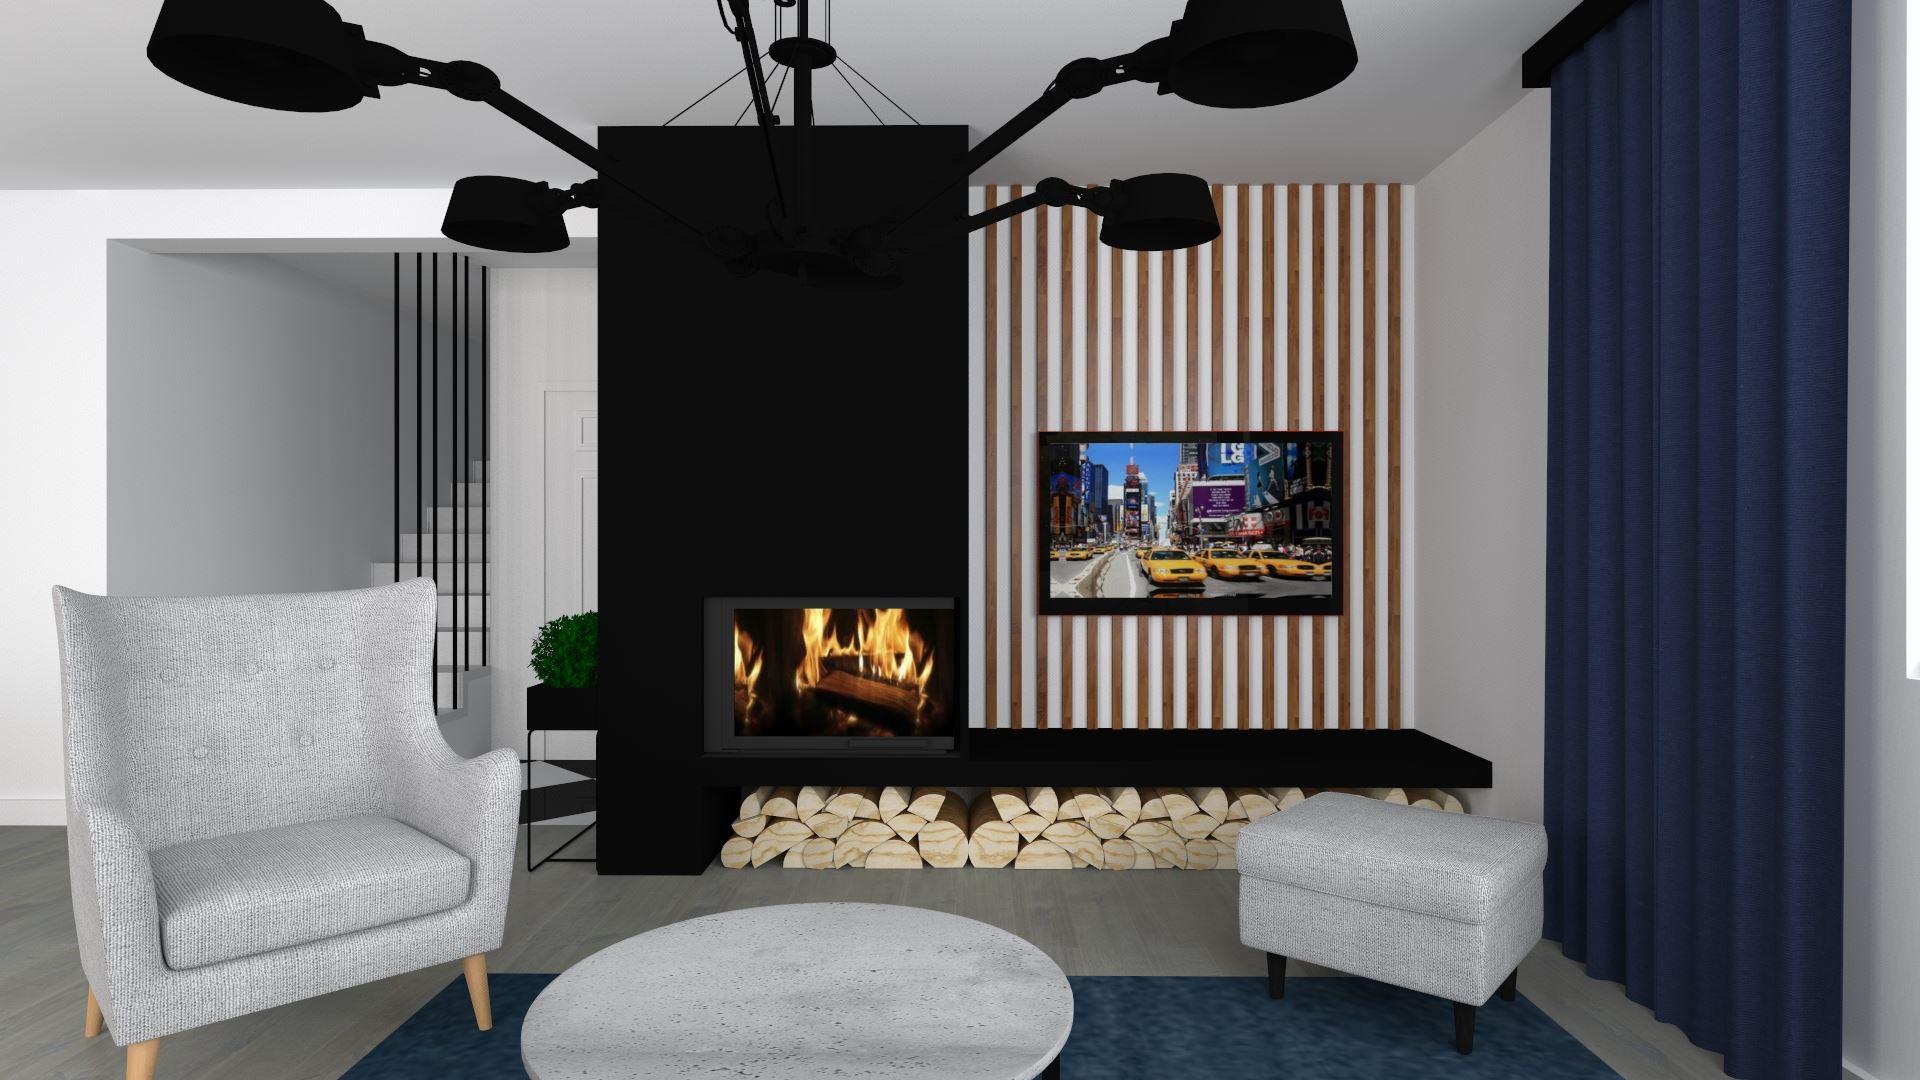 Wizualizacja naszego salonu- miejsca rodzinnych spotkań i odpoczynku.